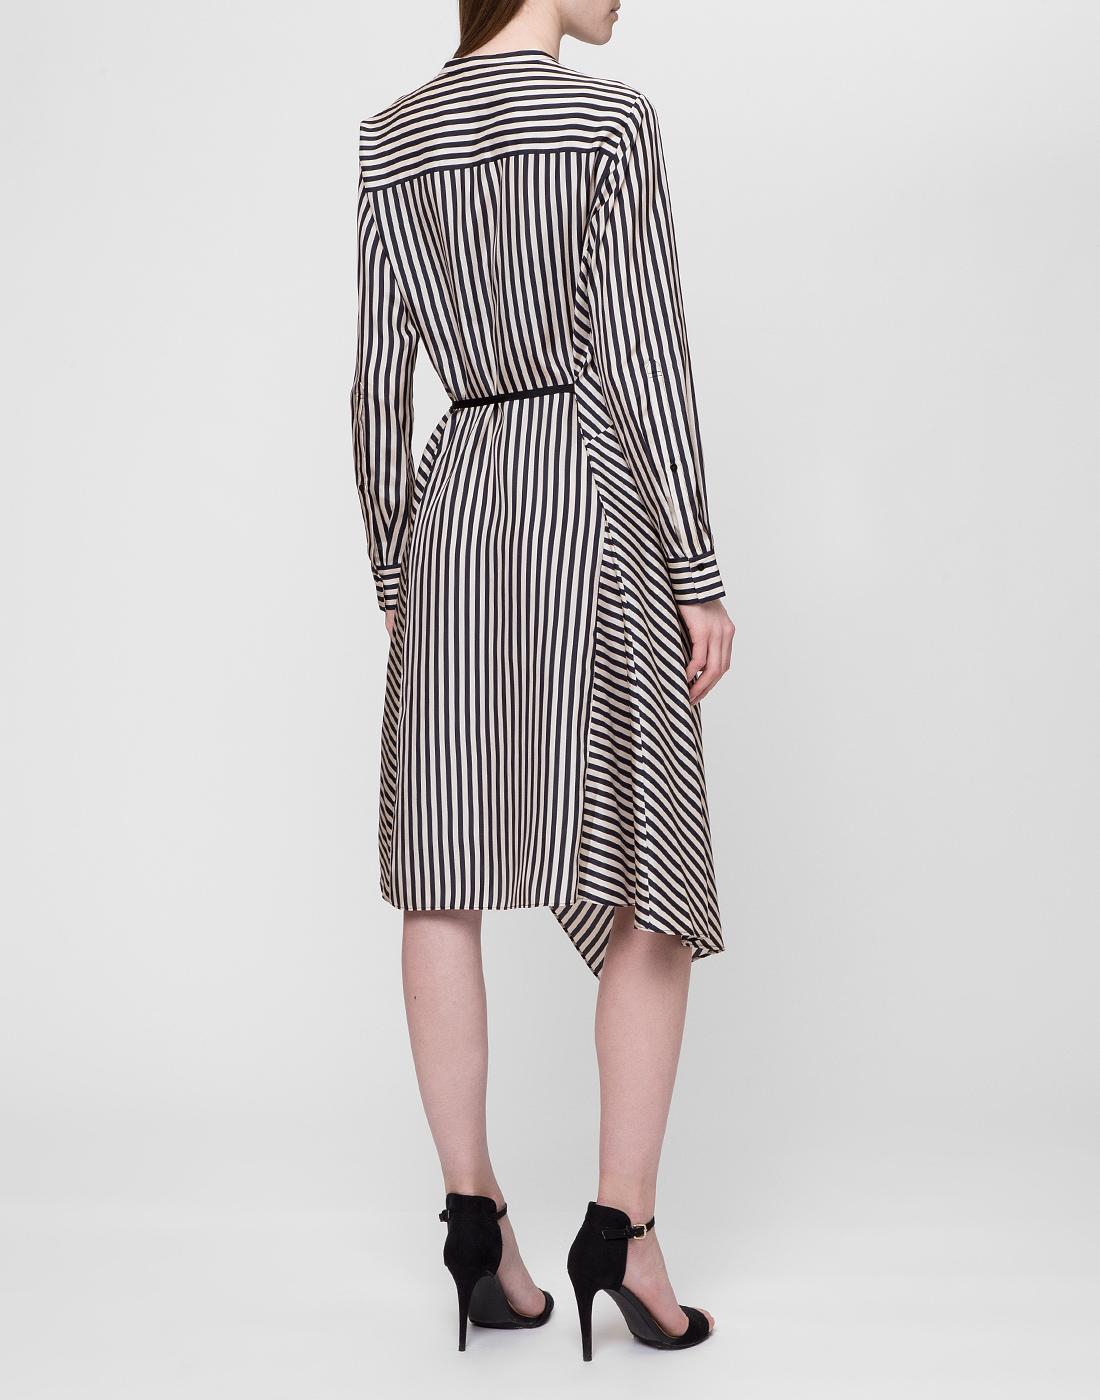 Женское шелковое платье в полоску Dorothee Schumacher S749201/030-4